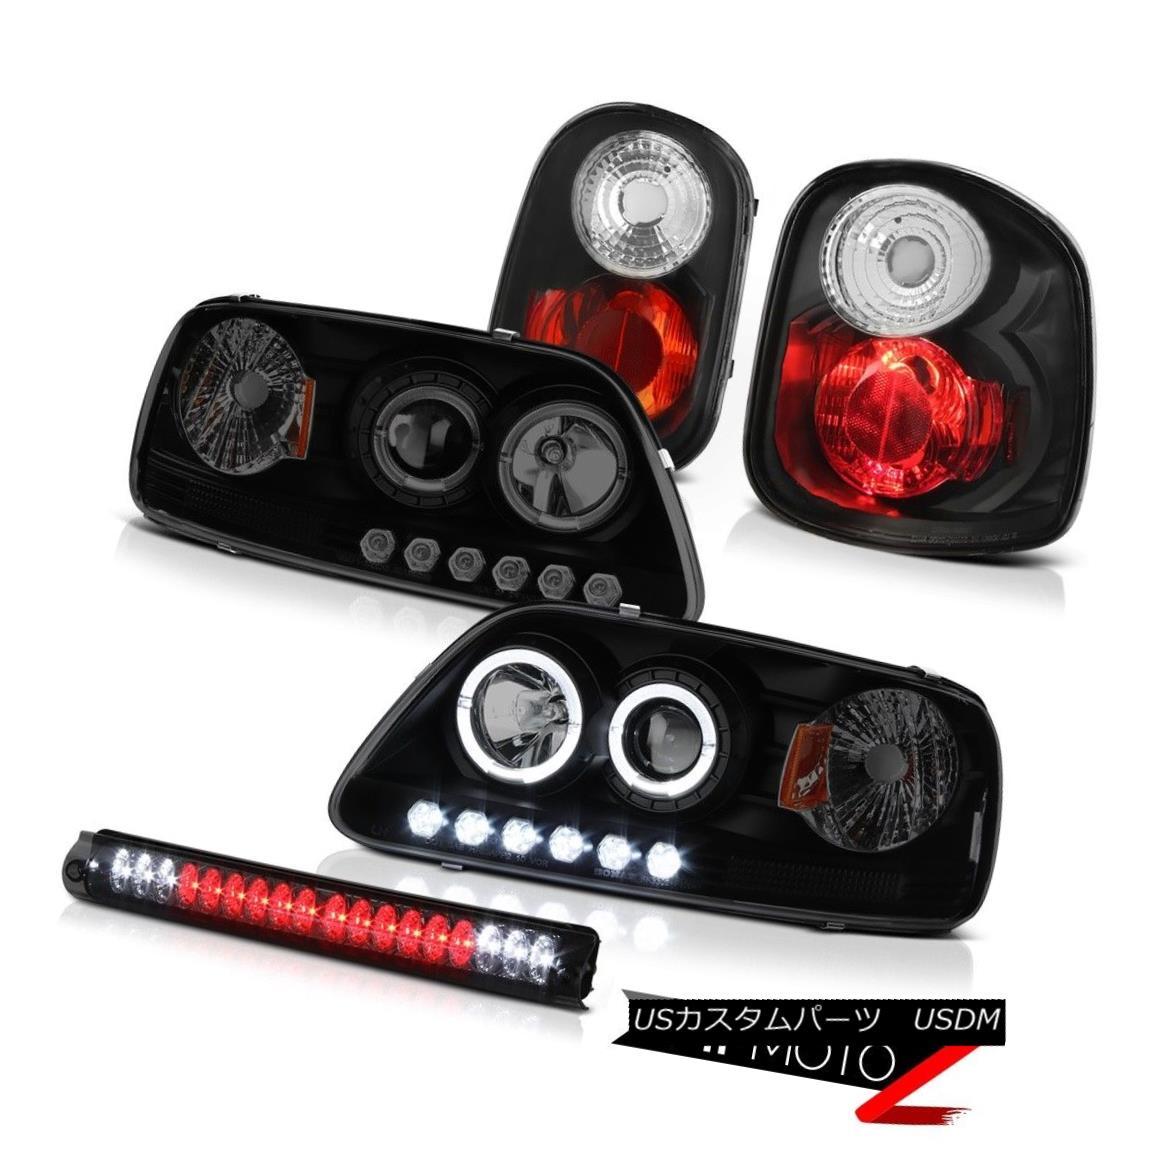 テールライト 2001 2002 2003 F150 XLT LED Projector DRL Headlight Tail Lamp Brake Lights Smoke 2001 2002 2003 F150 XLT LEDプロジェクターDRLヘッドライトテールランプブレーキライトスモーク